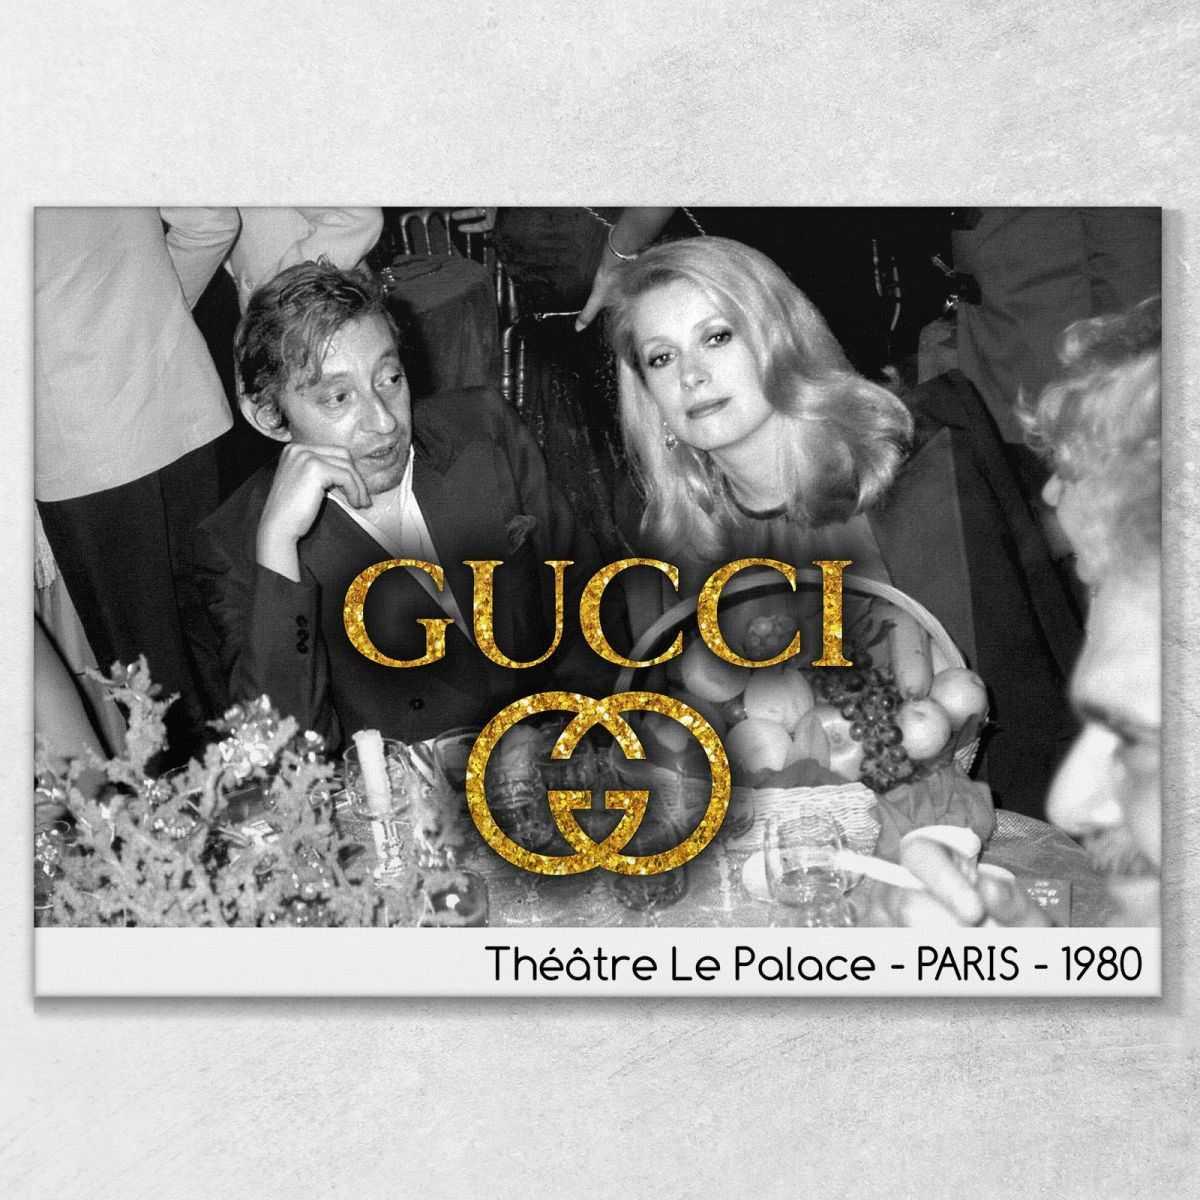 Quadro Gucci Théatre Le Palace stampa su tela guo10